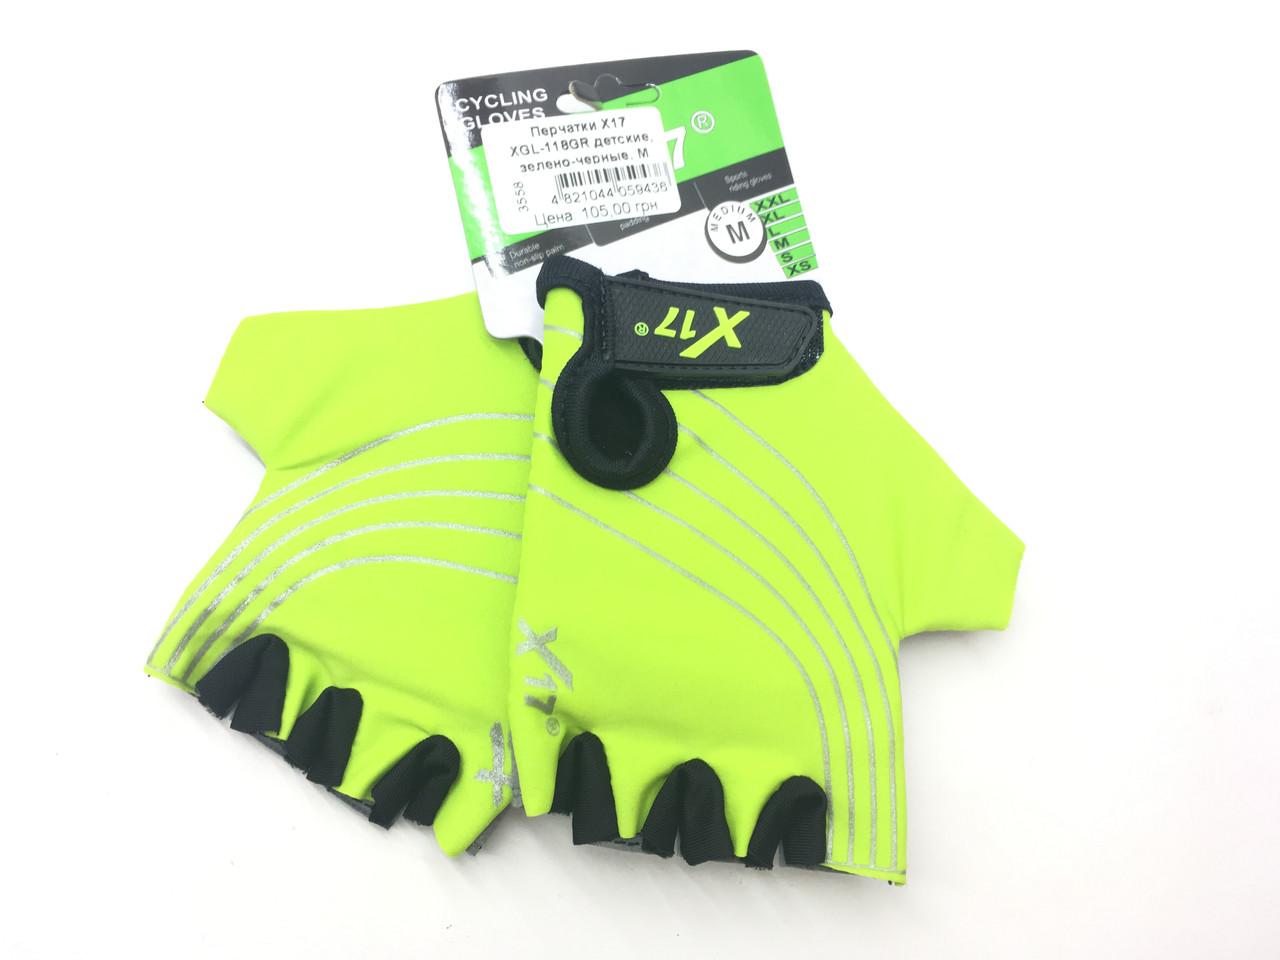 Перчатки велосипедные X17 XGL-118GR детские, зелено-черные, L